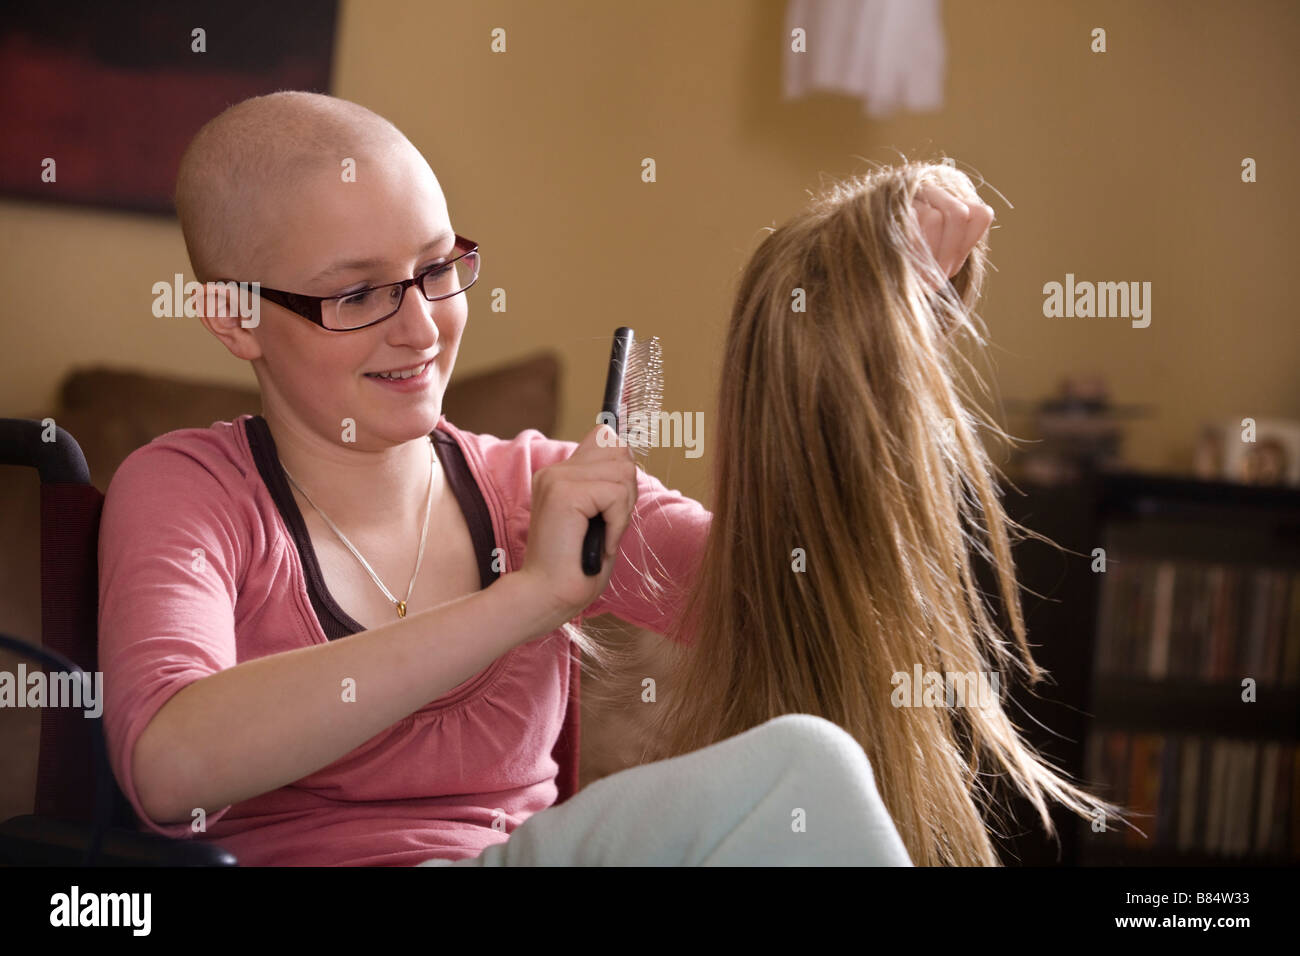 Niña peluca de cepillado Imagen De Stock